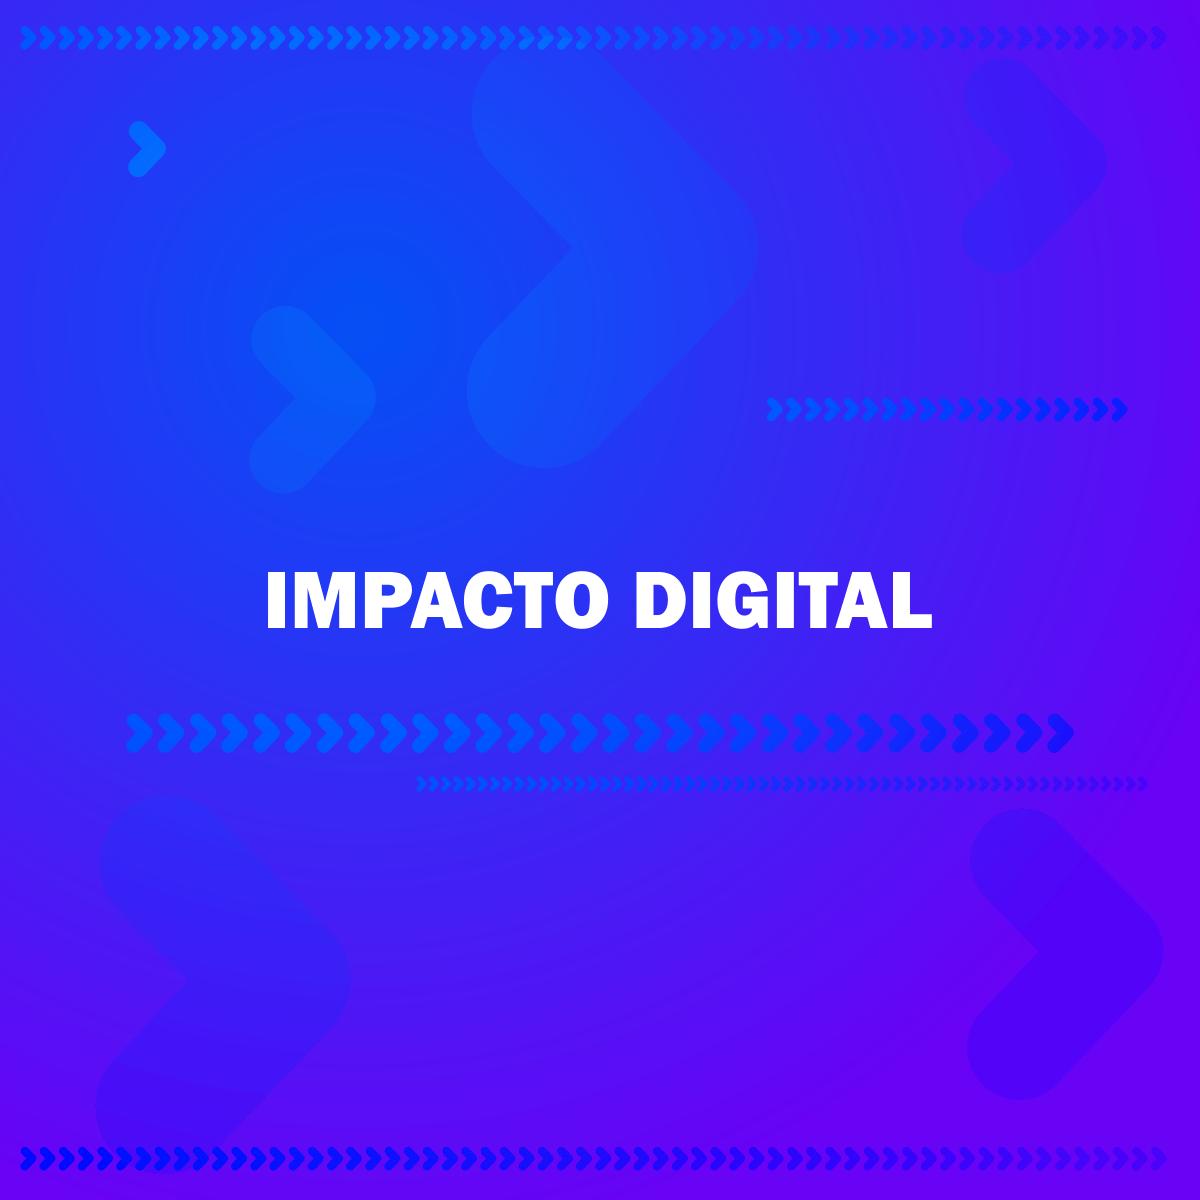 Impacto Digital